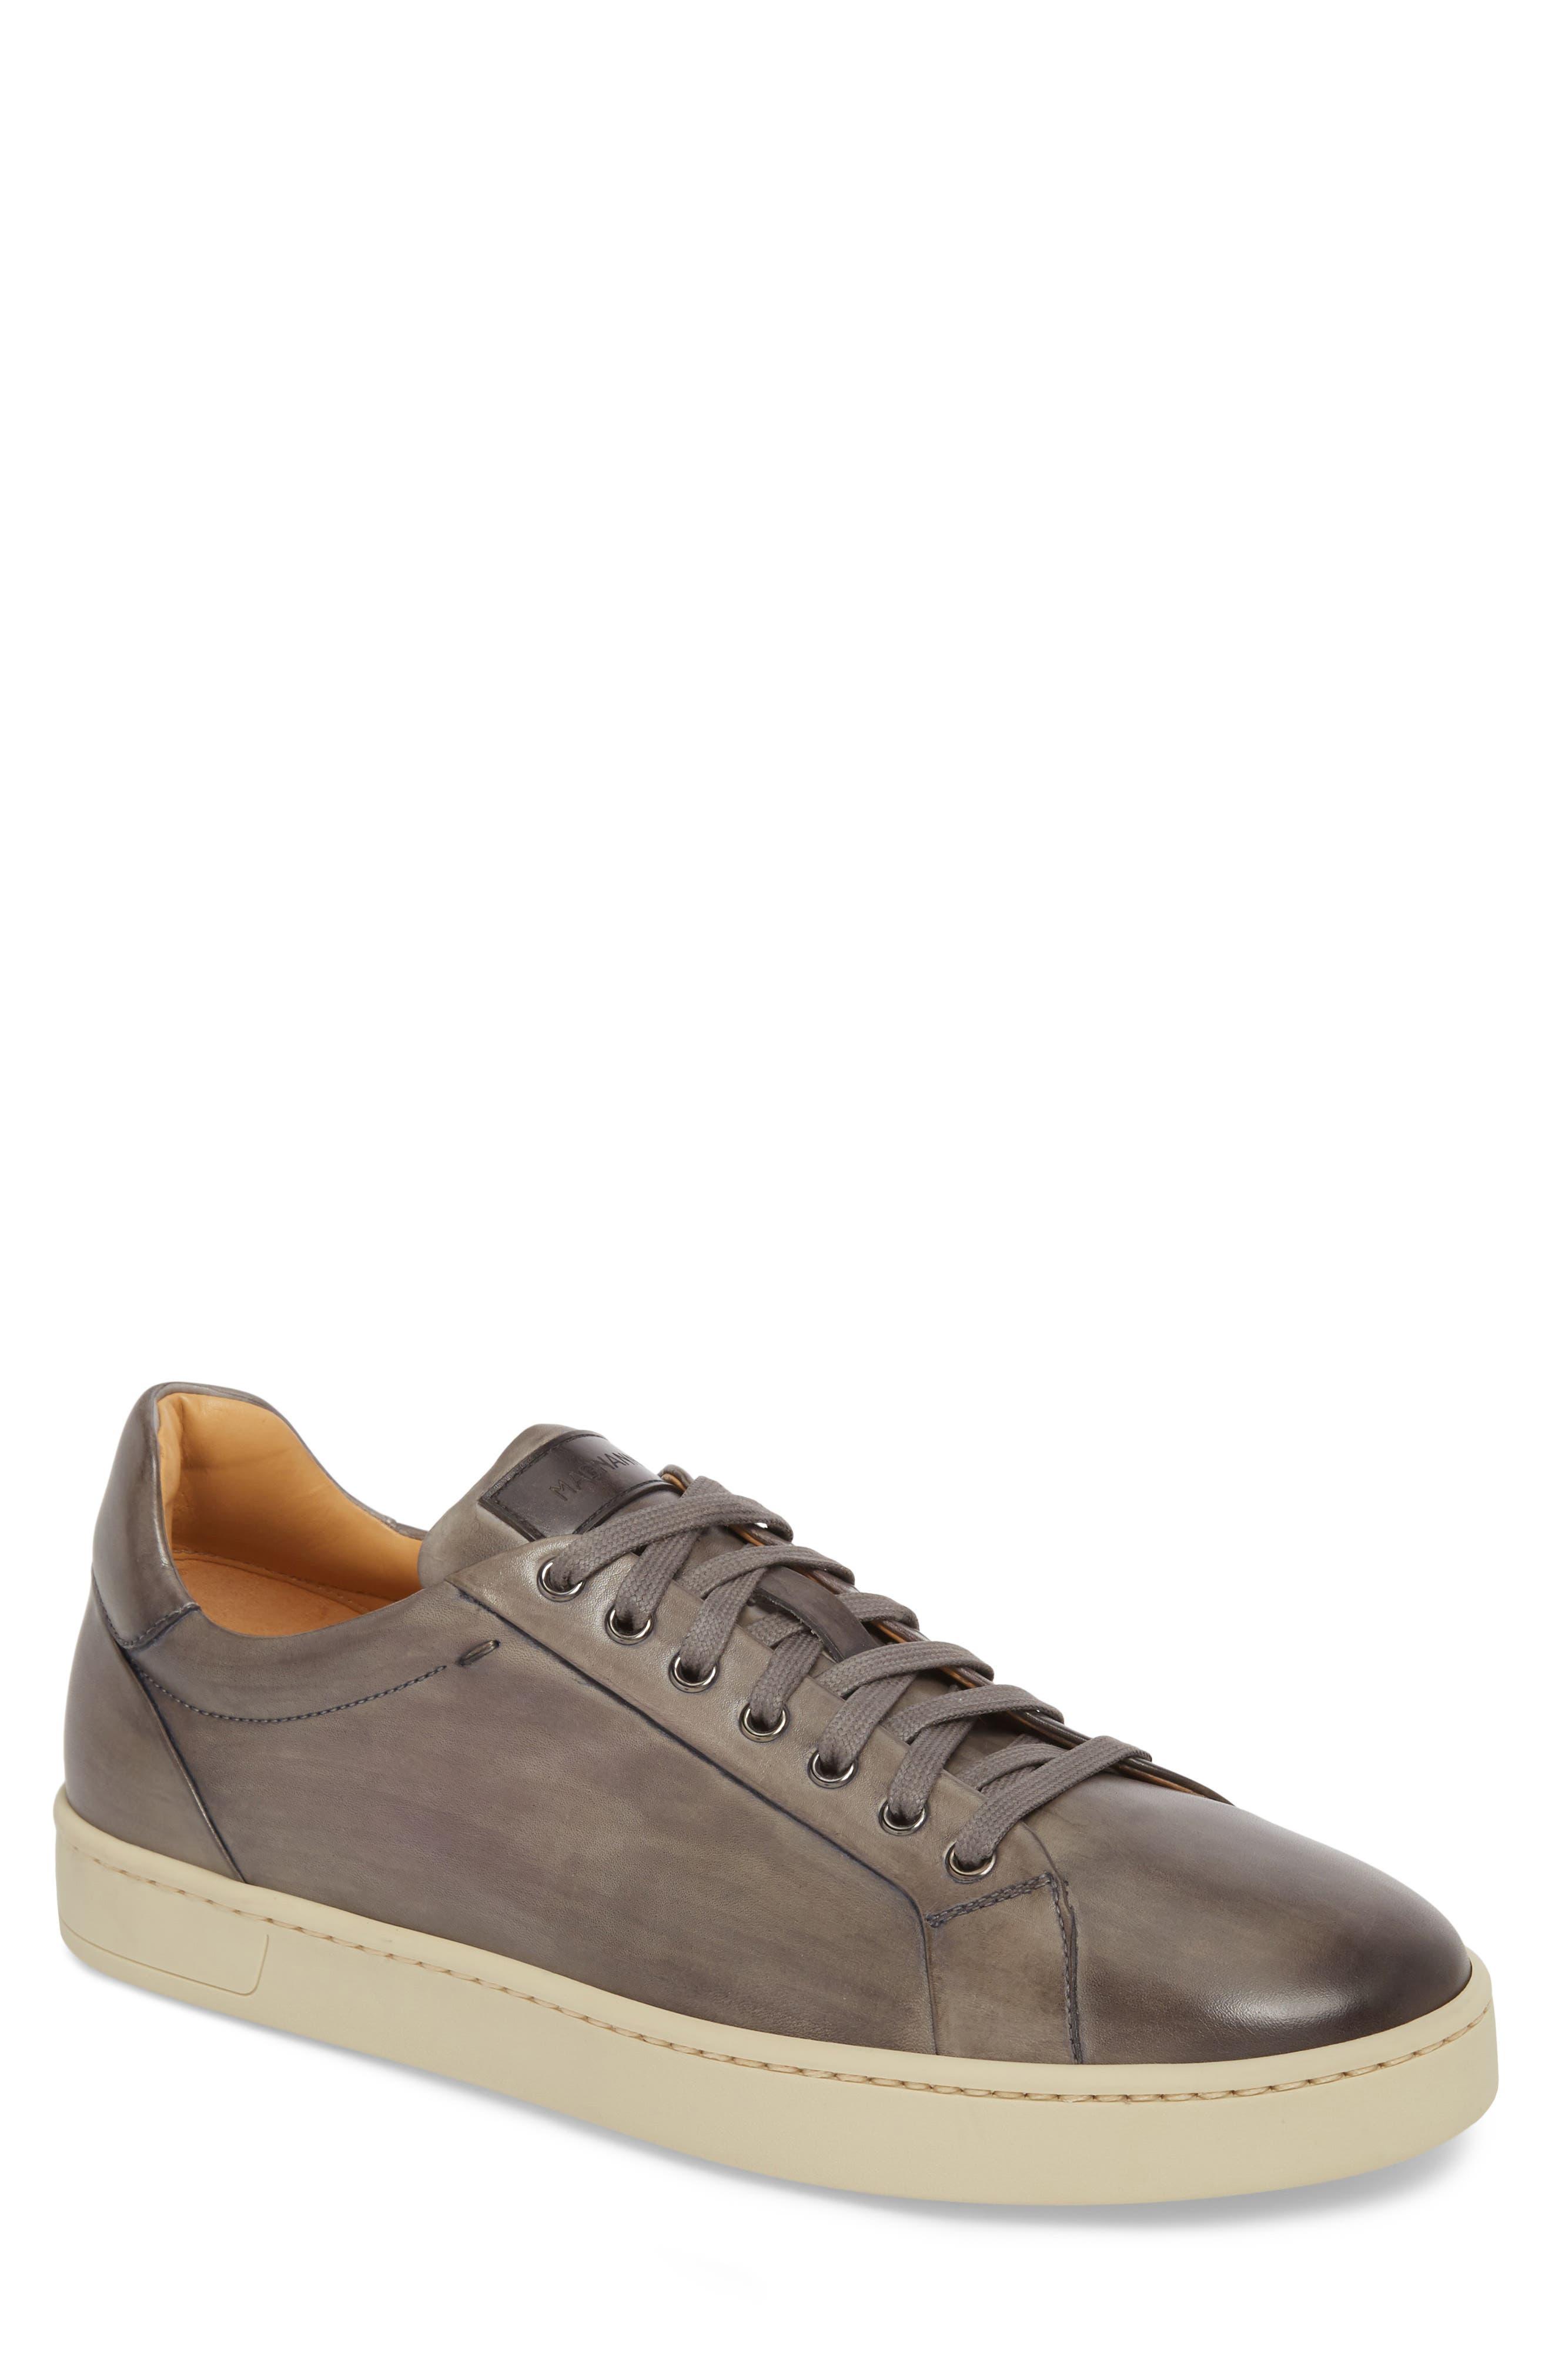 Alternate Image 1 Selected - Magnanni Elonso Low Top Sneaker (Men)